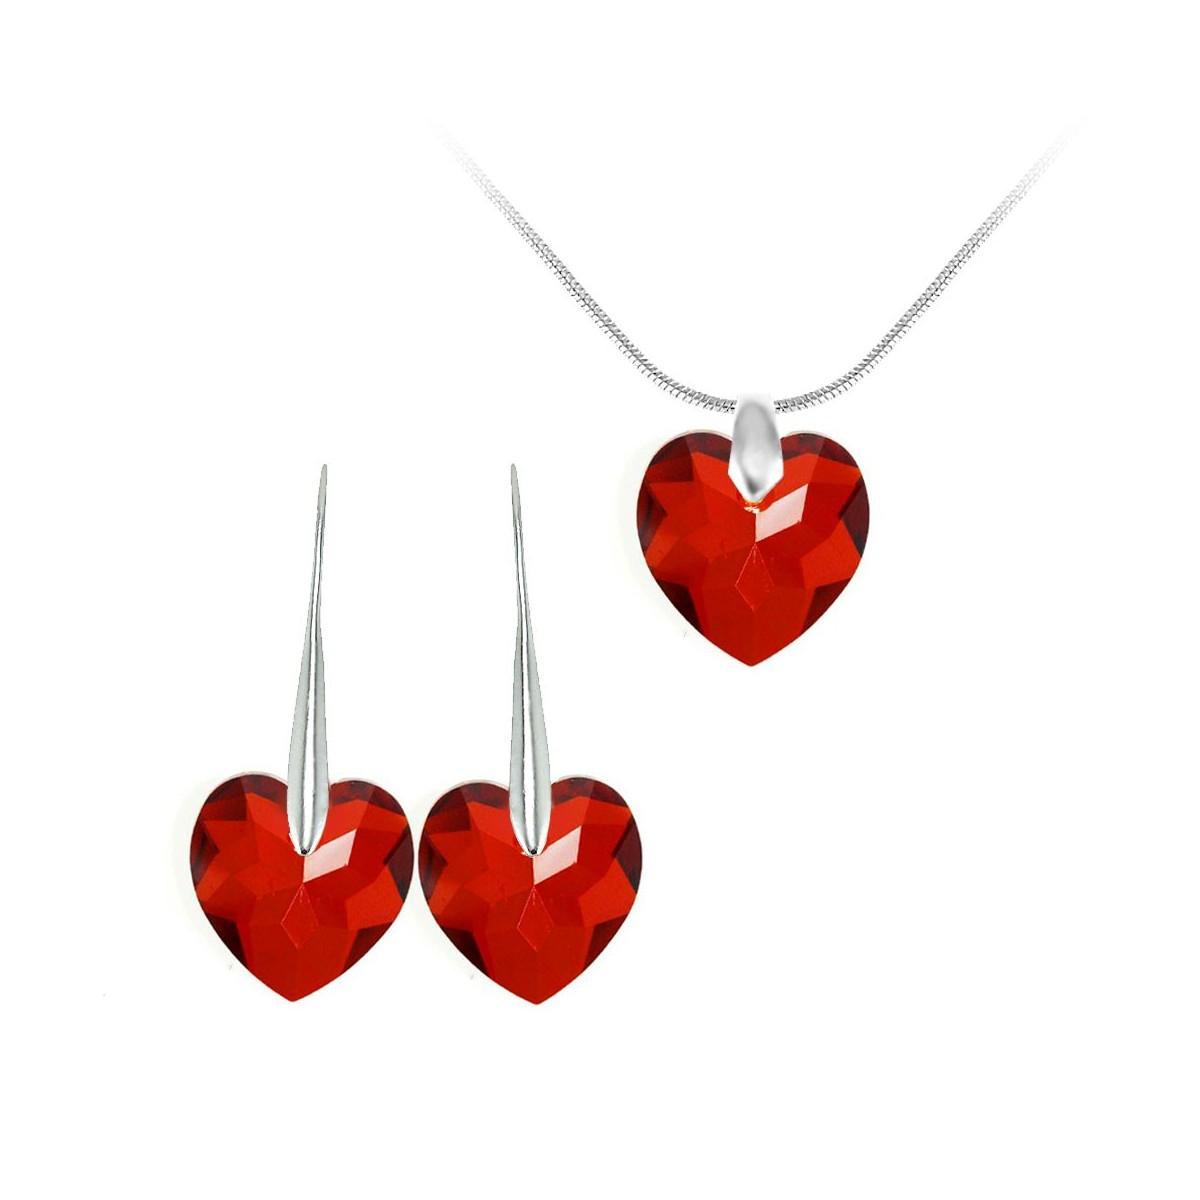 Parure collier et boucles d'oreilles argentés et coeurs rouge So Charm made with Crystal from Swarovski